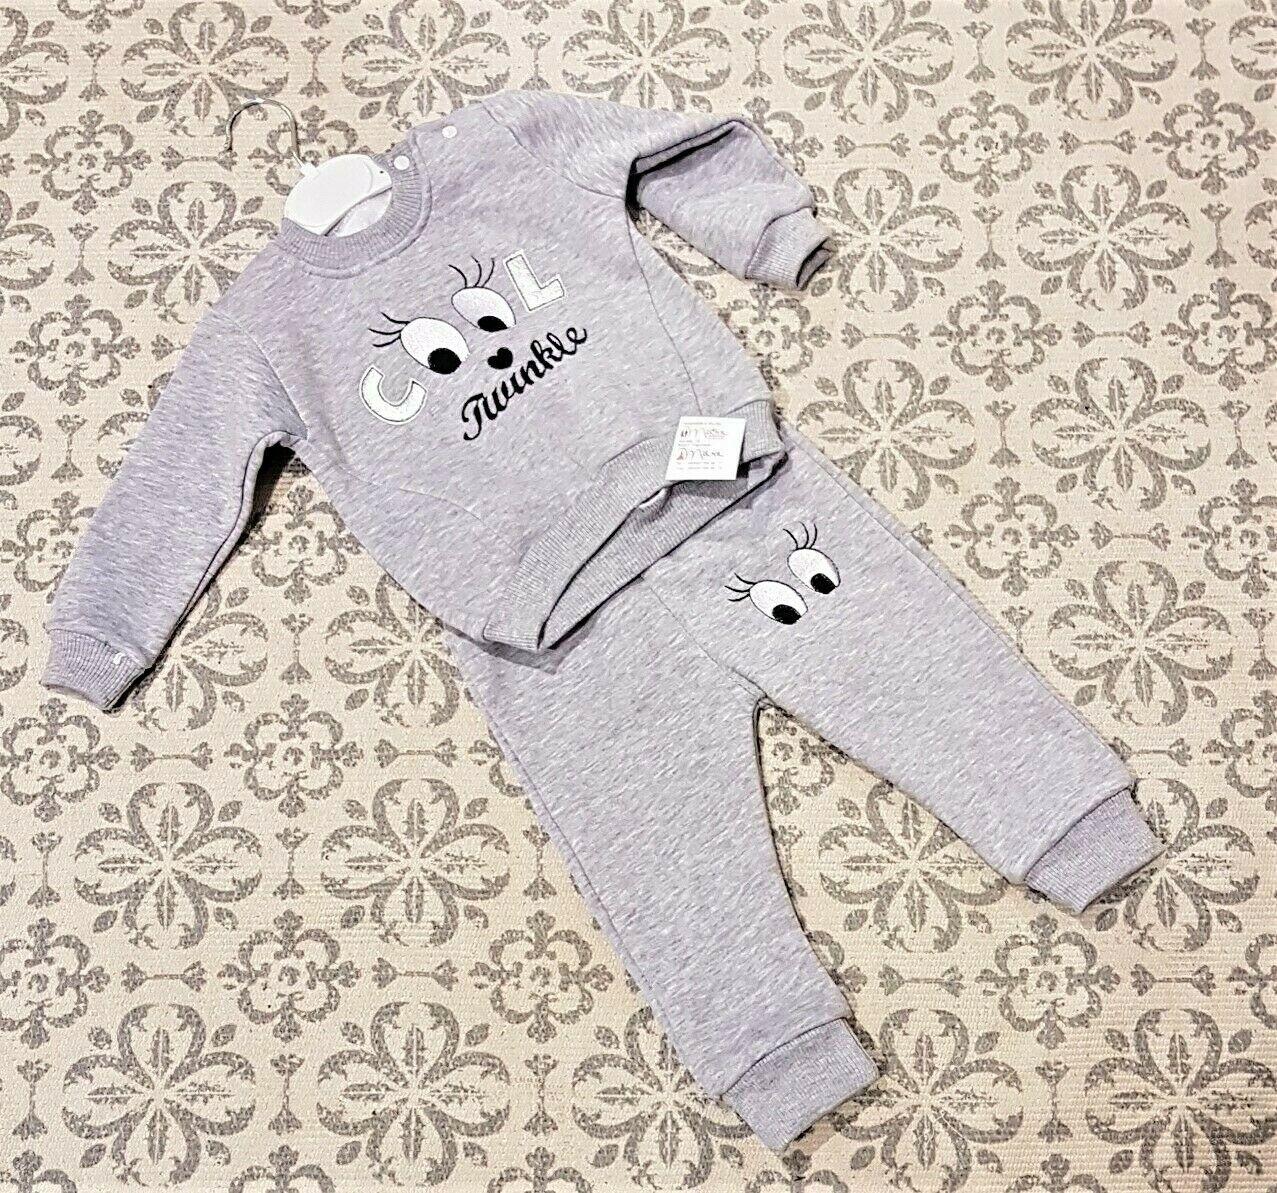 Junge Kinderkleidung Babykleidung Cool 2-Teilig Sweatshirt Hose Gr. 68-86 grau